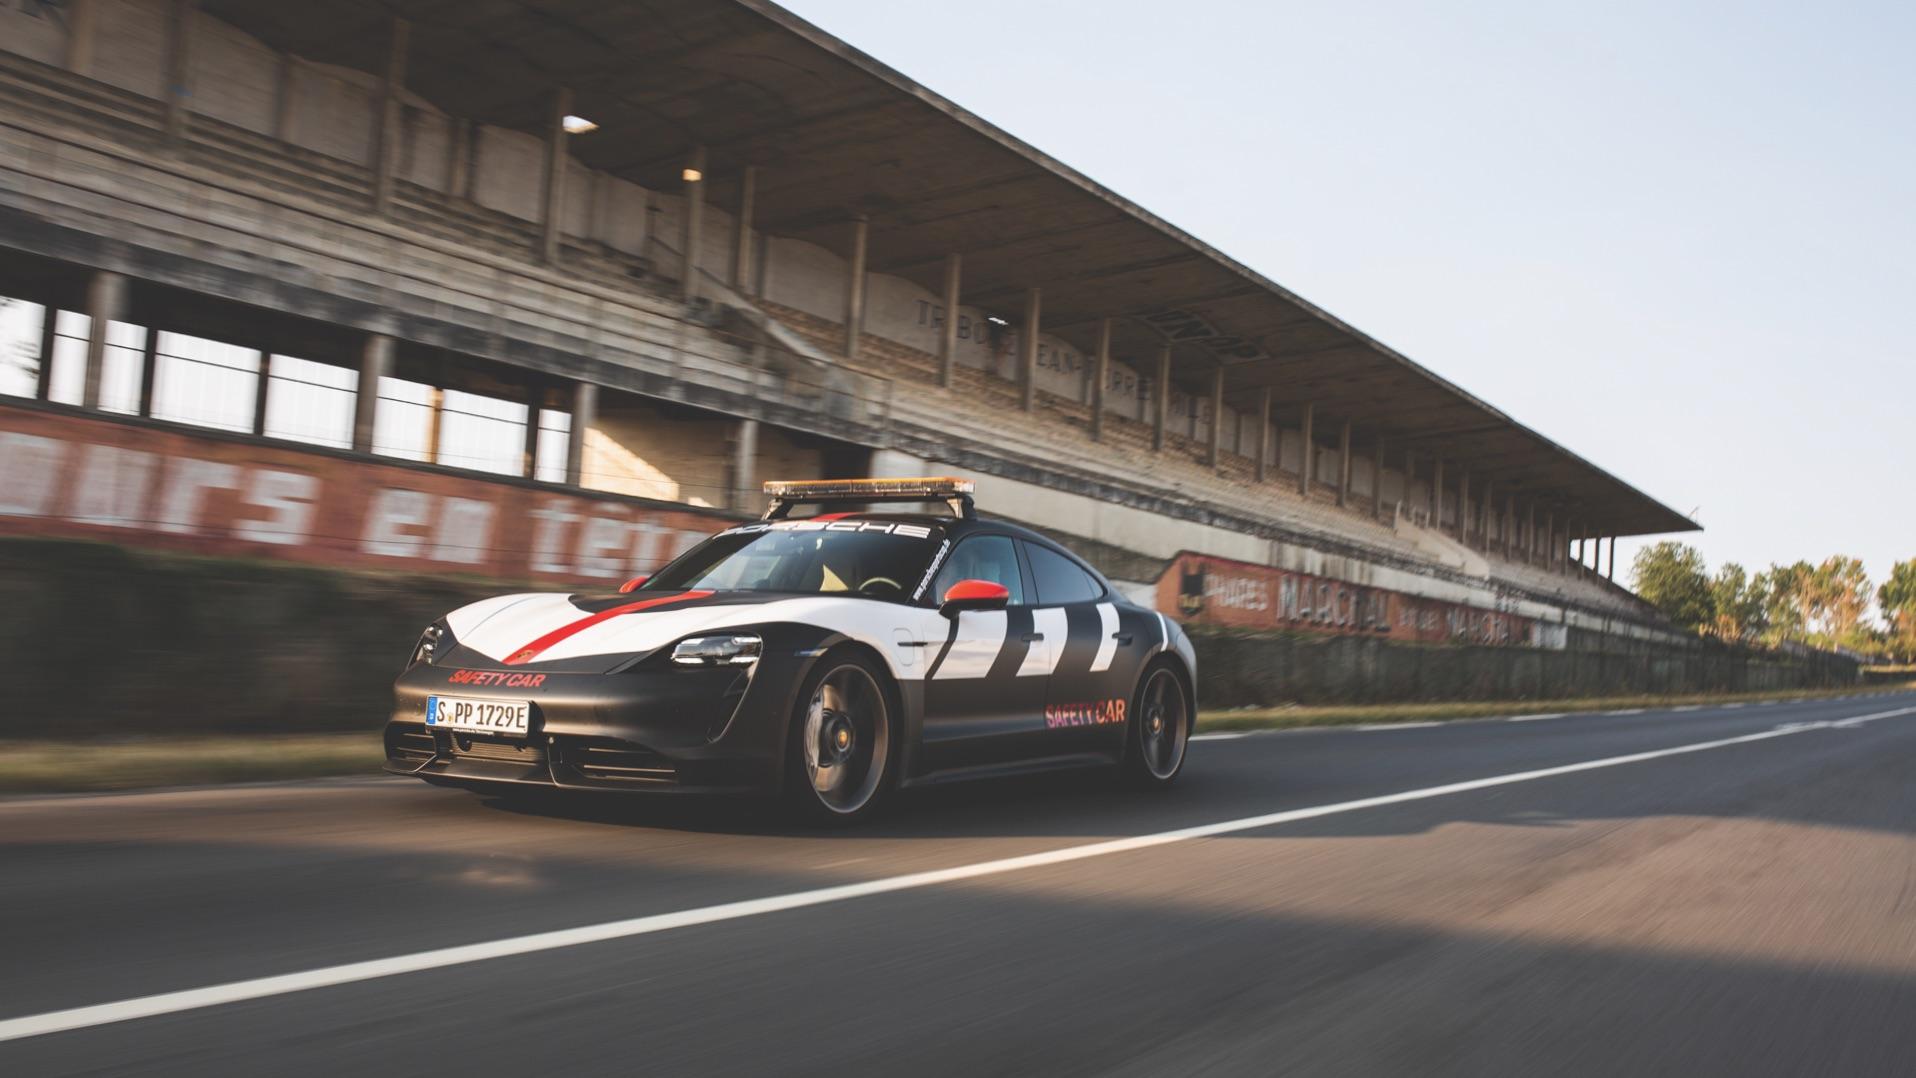 此包膜造型源自 Porsche Carrera Cup 24 小時利曼賽事安全前導車。